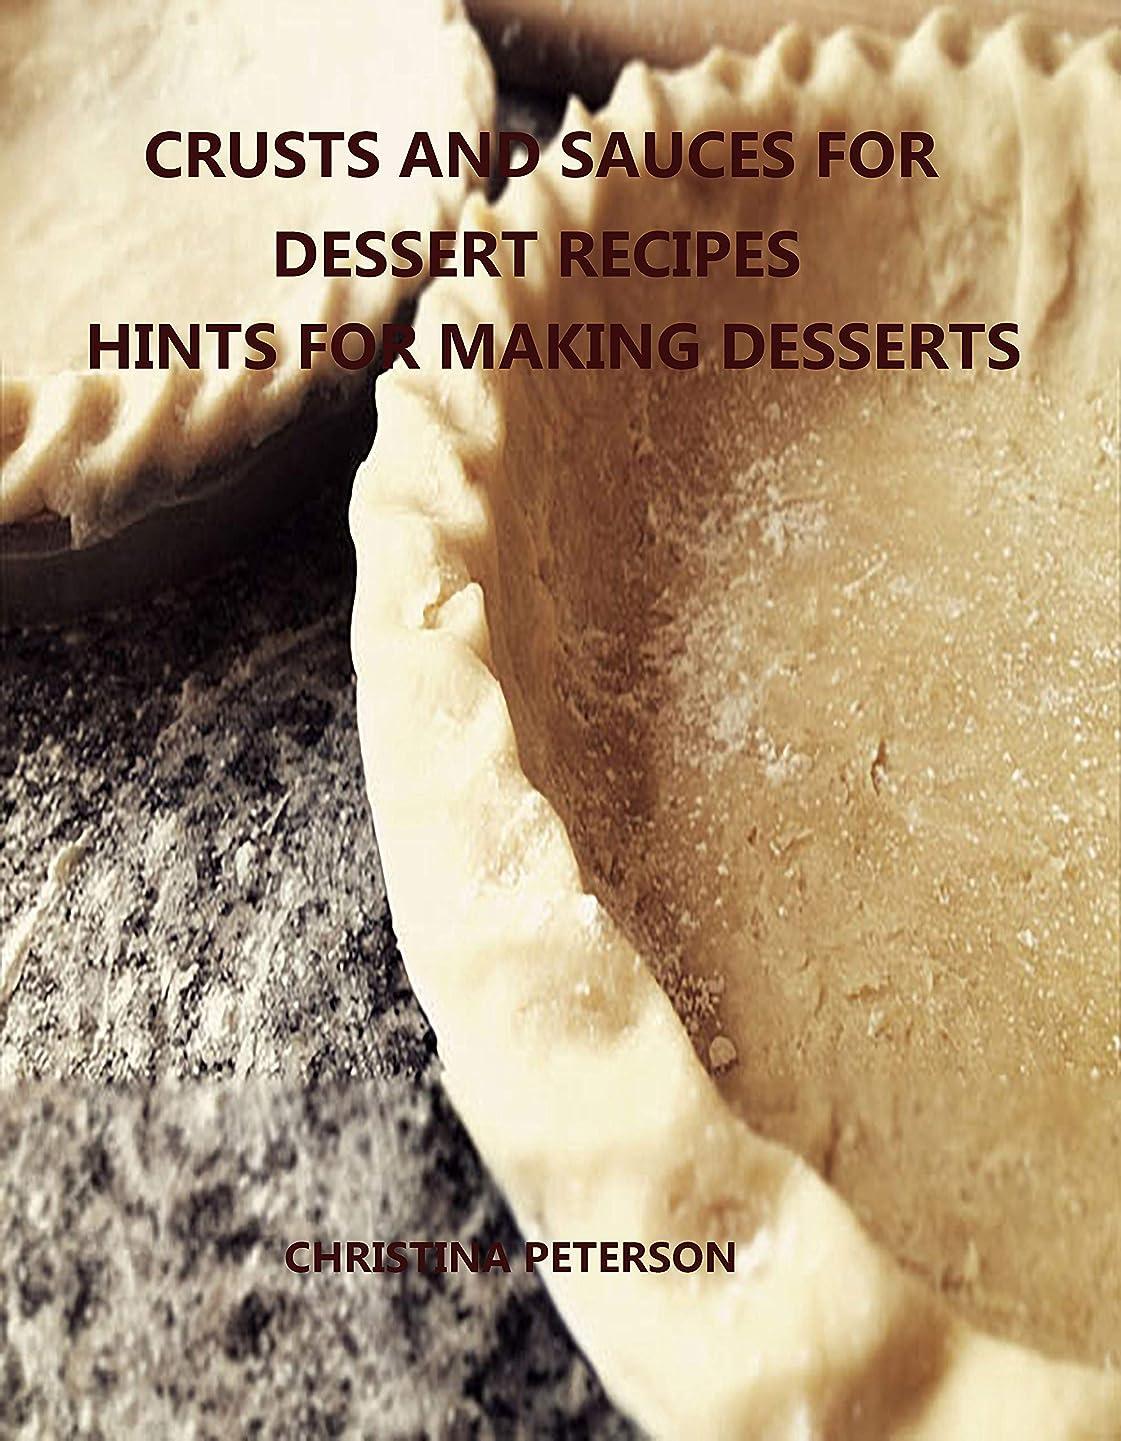 事業内容パニック寮CRUSTS AND SAUCES FOR DESSERT RECIPES, HINTS FOR MAKING DESSERTS: Every title has space for notes, Different pastry for pie, cakes, cheesecake, Finishes for desserts and more (English Edition)